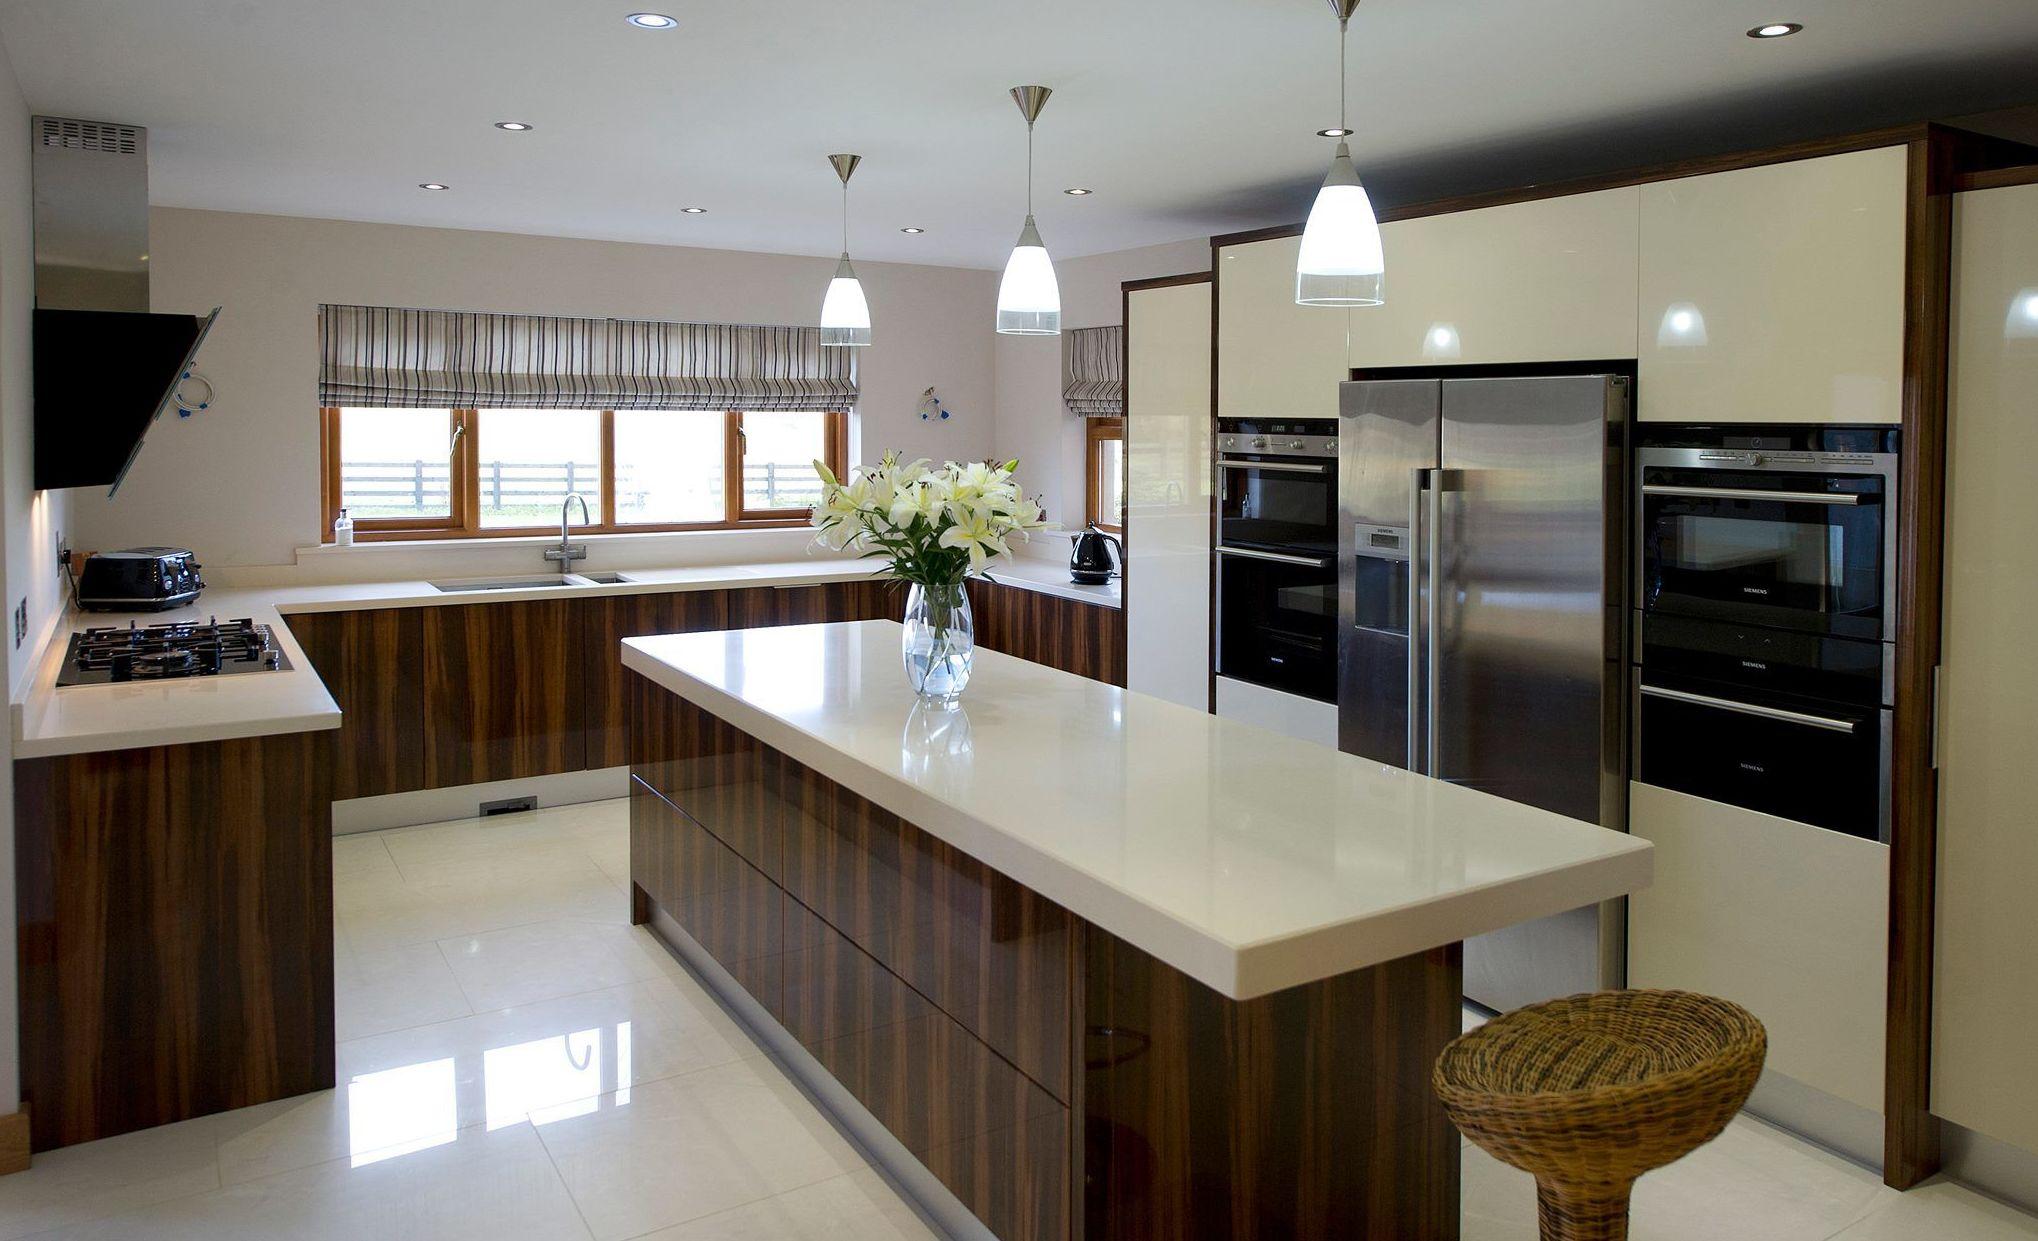 Cocina de silestone cocina y armario cocinova cocina - Cocinas de silestone ...